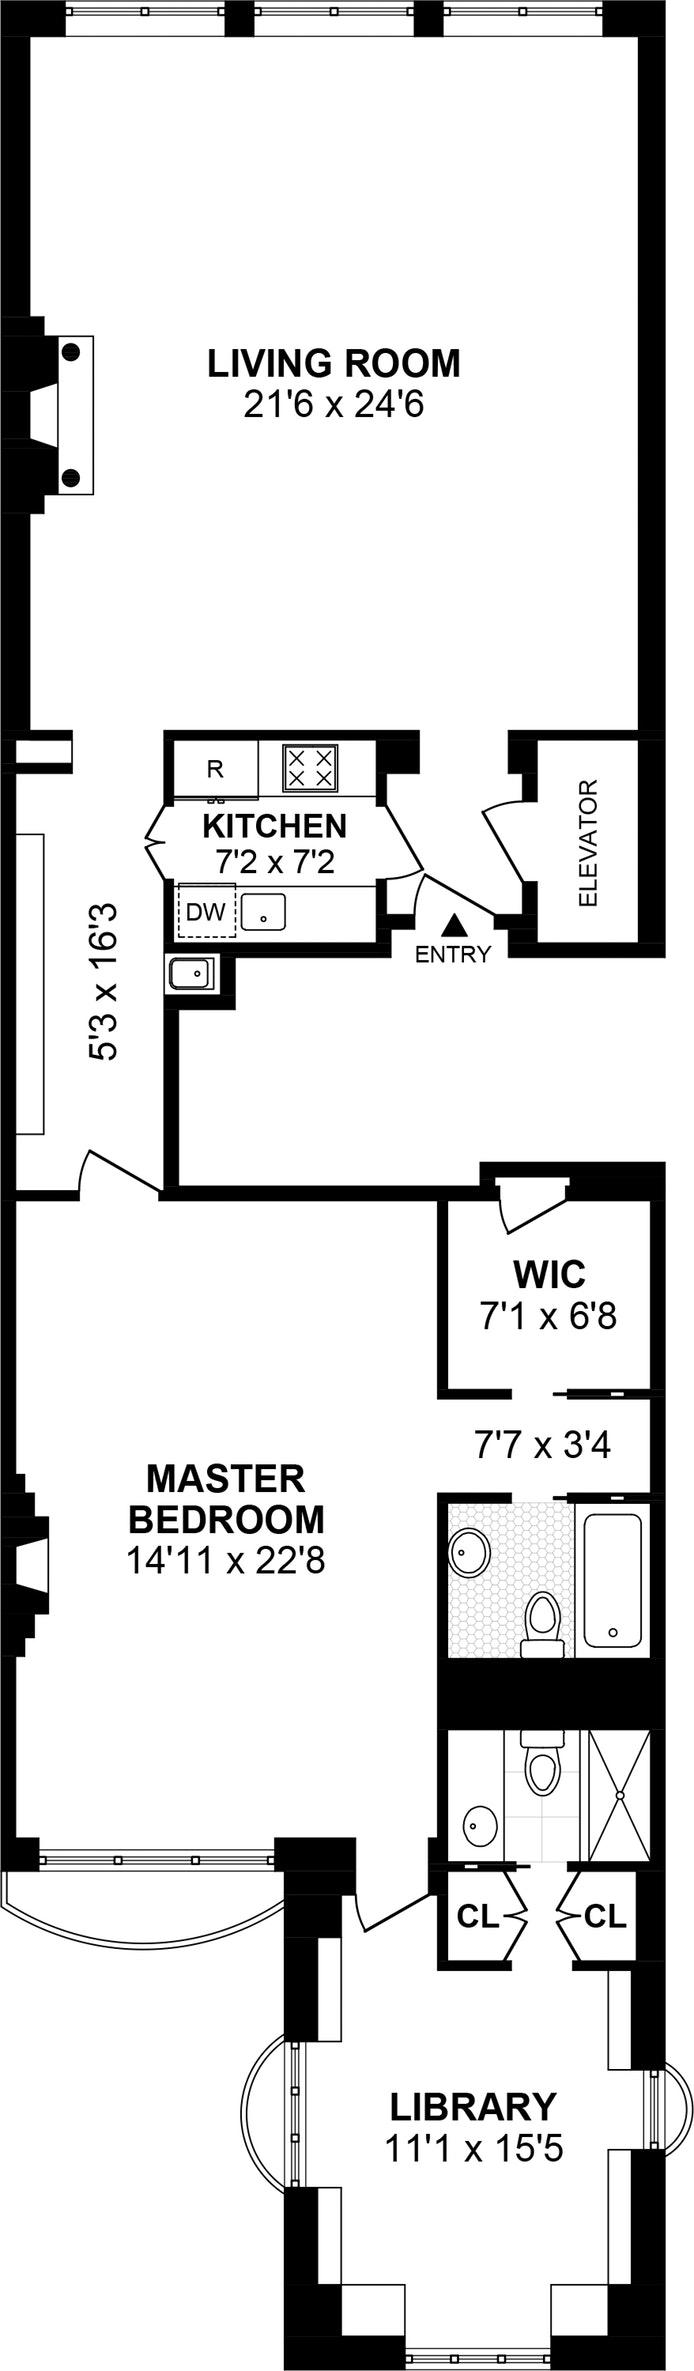 Francine Coffey, brown harris stevens, upper east side, co-op, parlor floor, 36 East 69th Street